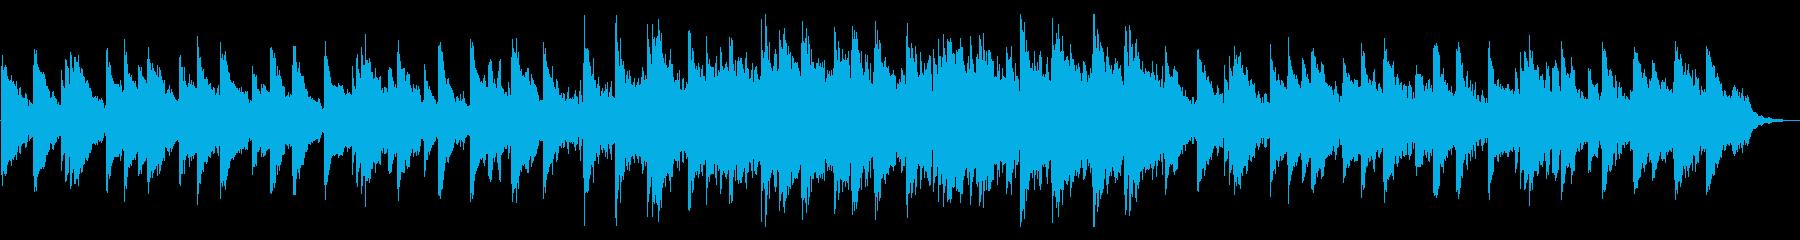 静かなピアノの旋律が印象的なバラードの再生済みの波形